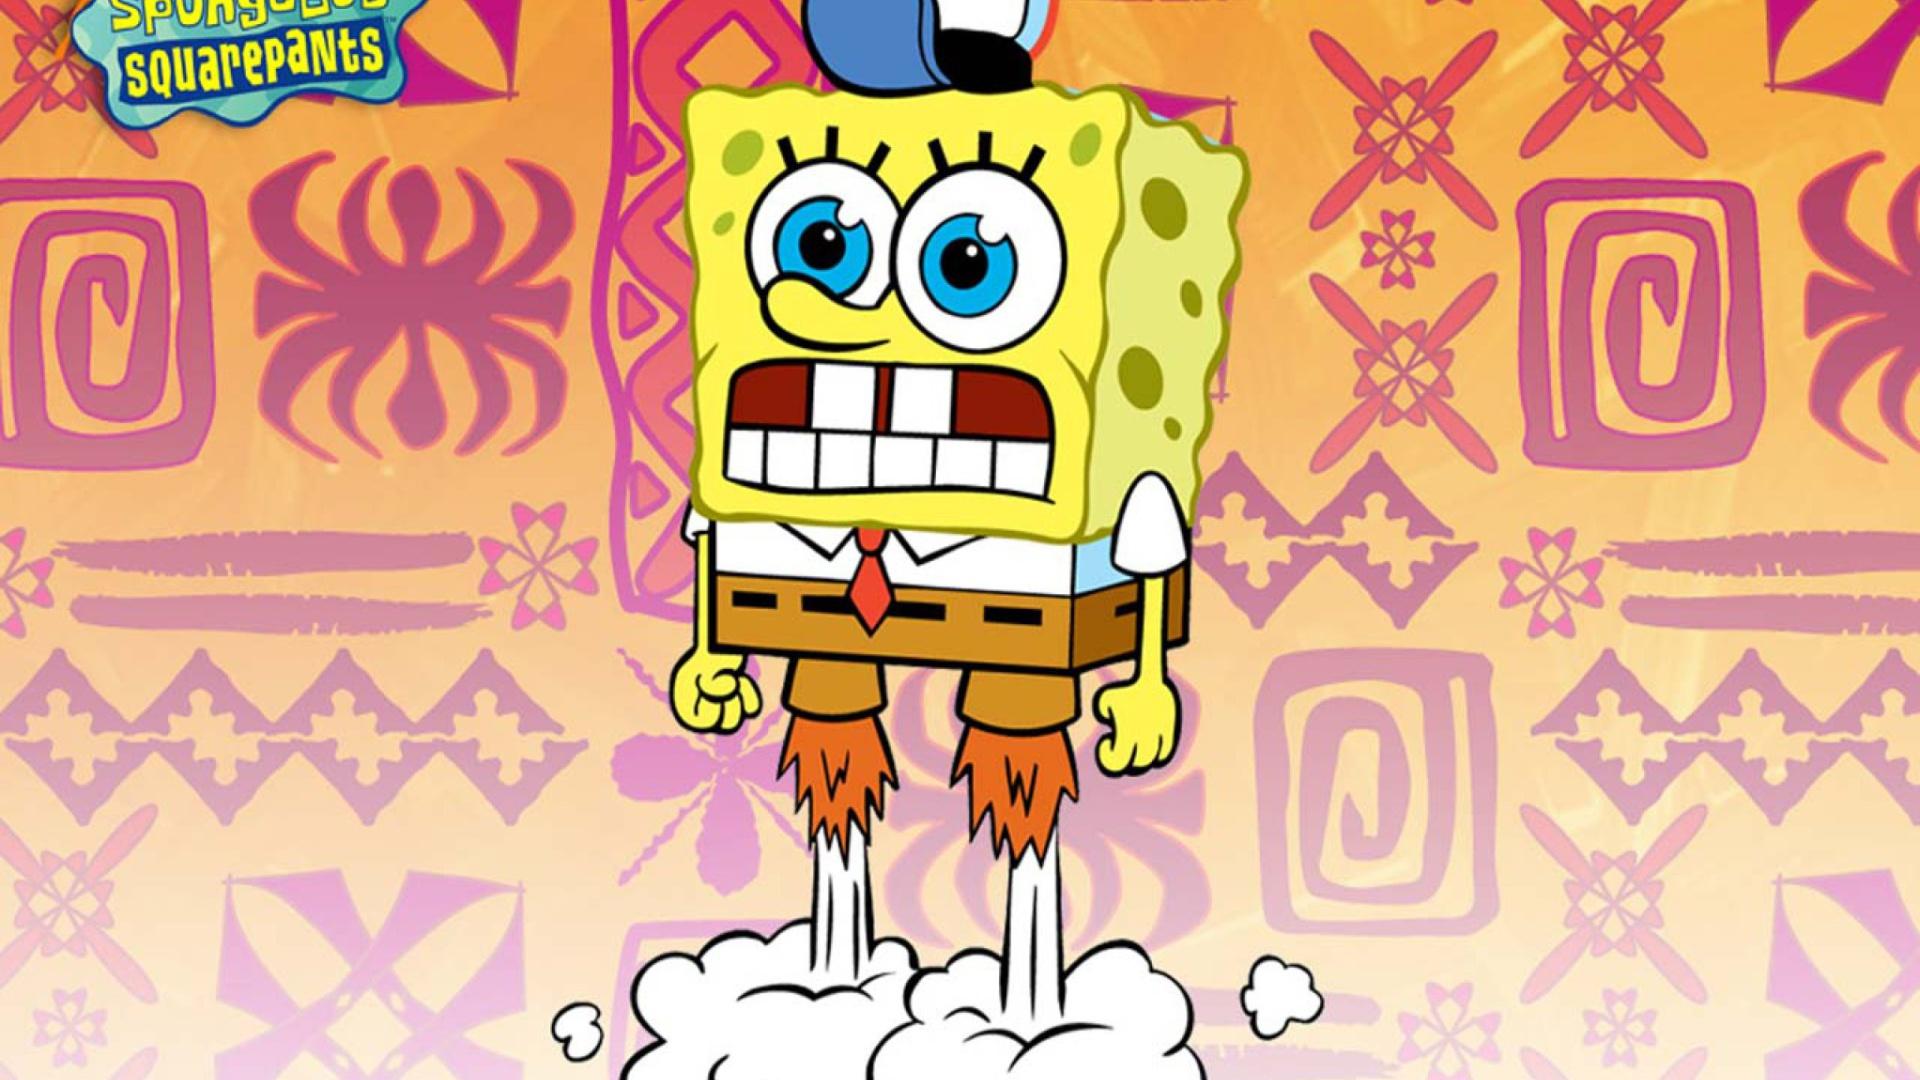 Spongebob HD Wallpaper   MixHD wallpapers 1920x1080